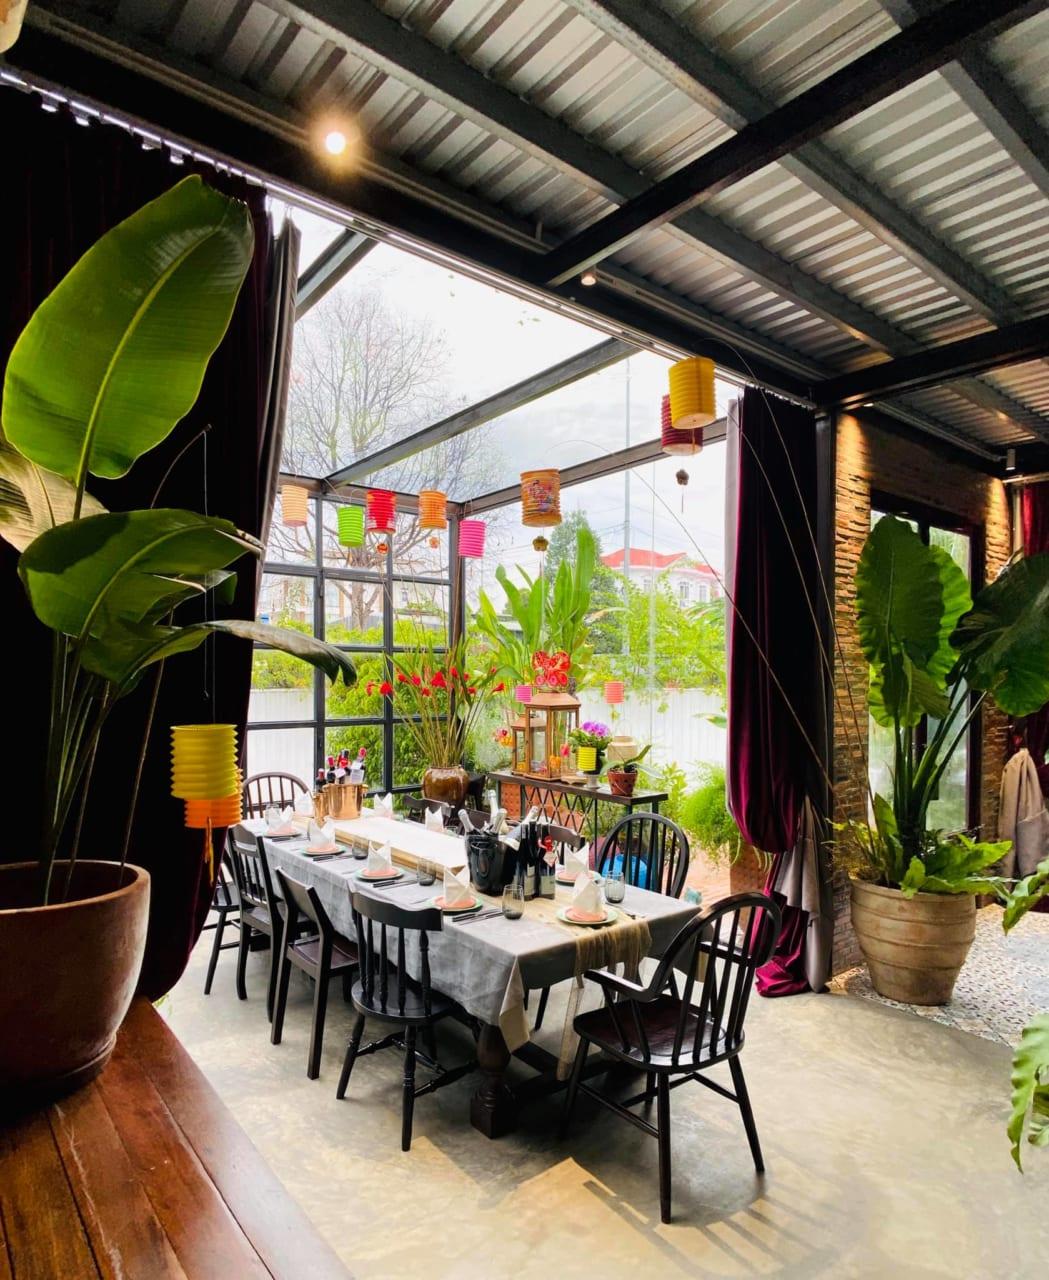 Phong cách green sang trọng của nhà hàng cao cấp Red Door